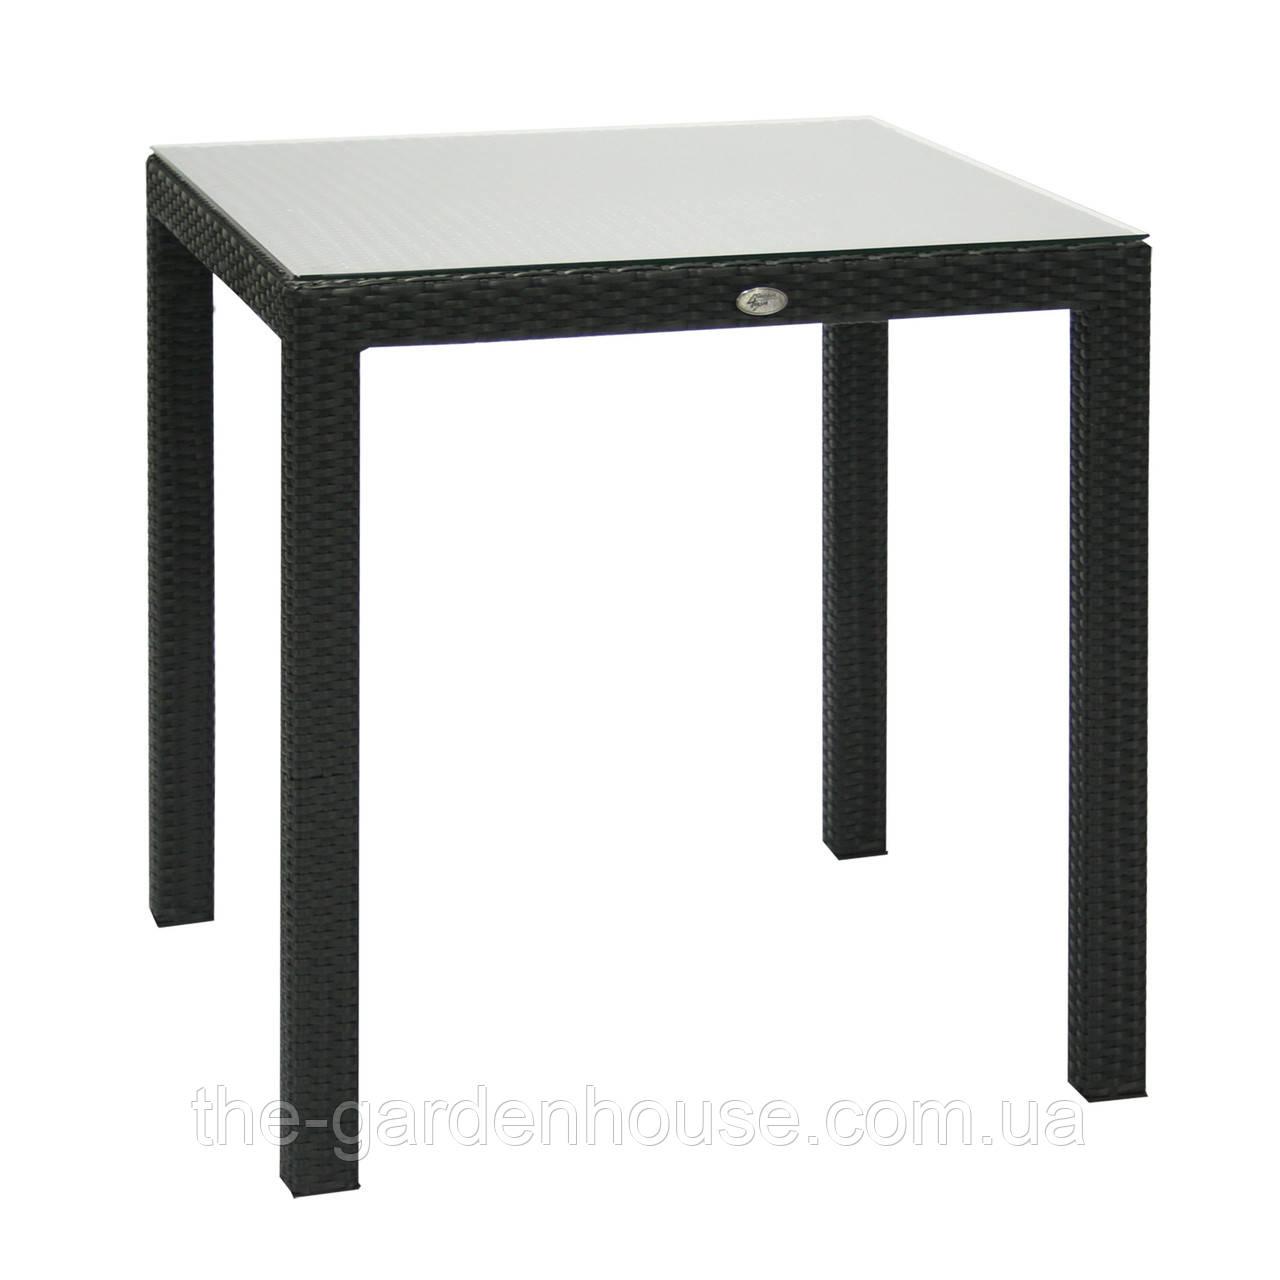 Обеденный стол Wicker из искусственного ротанга 73х73 см черный